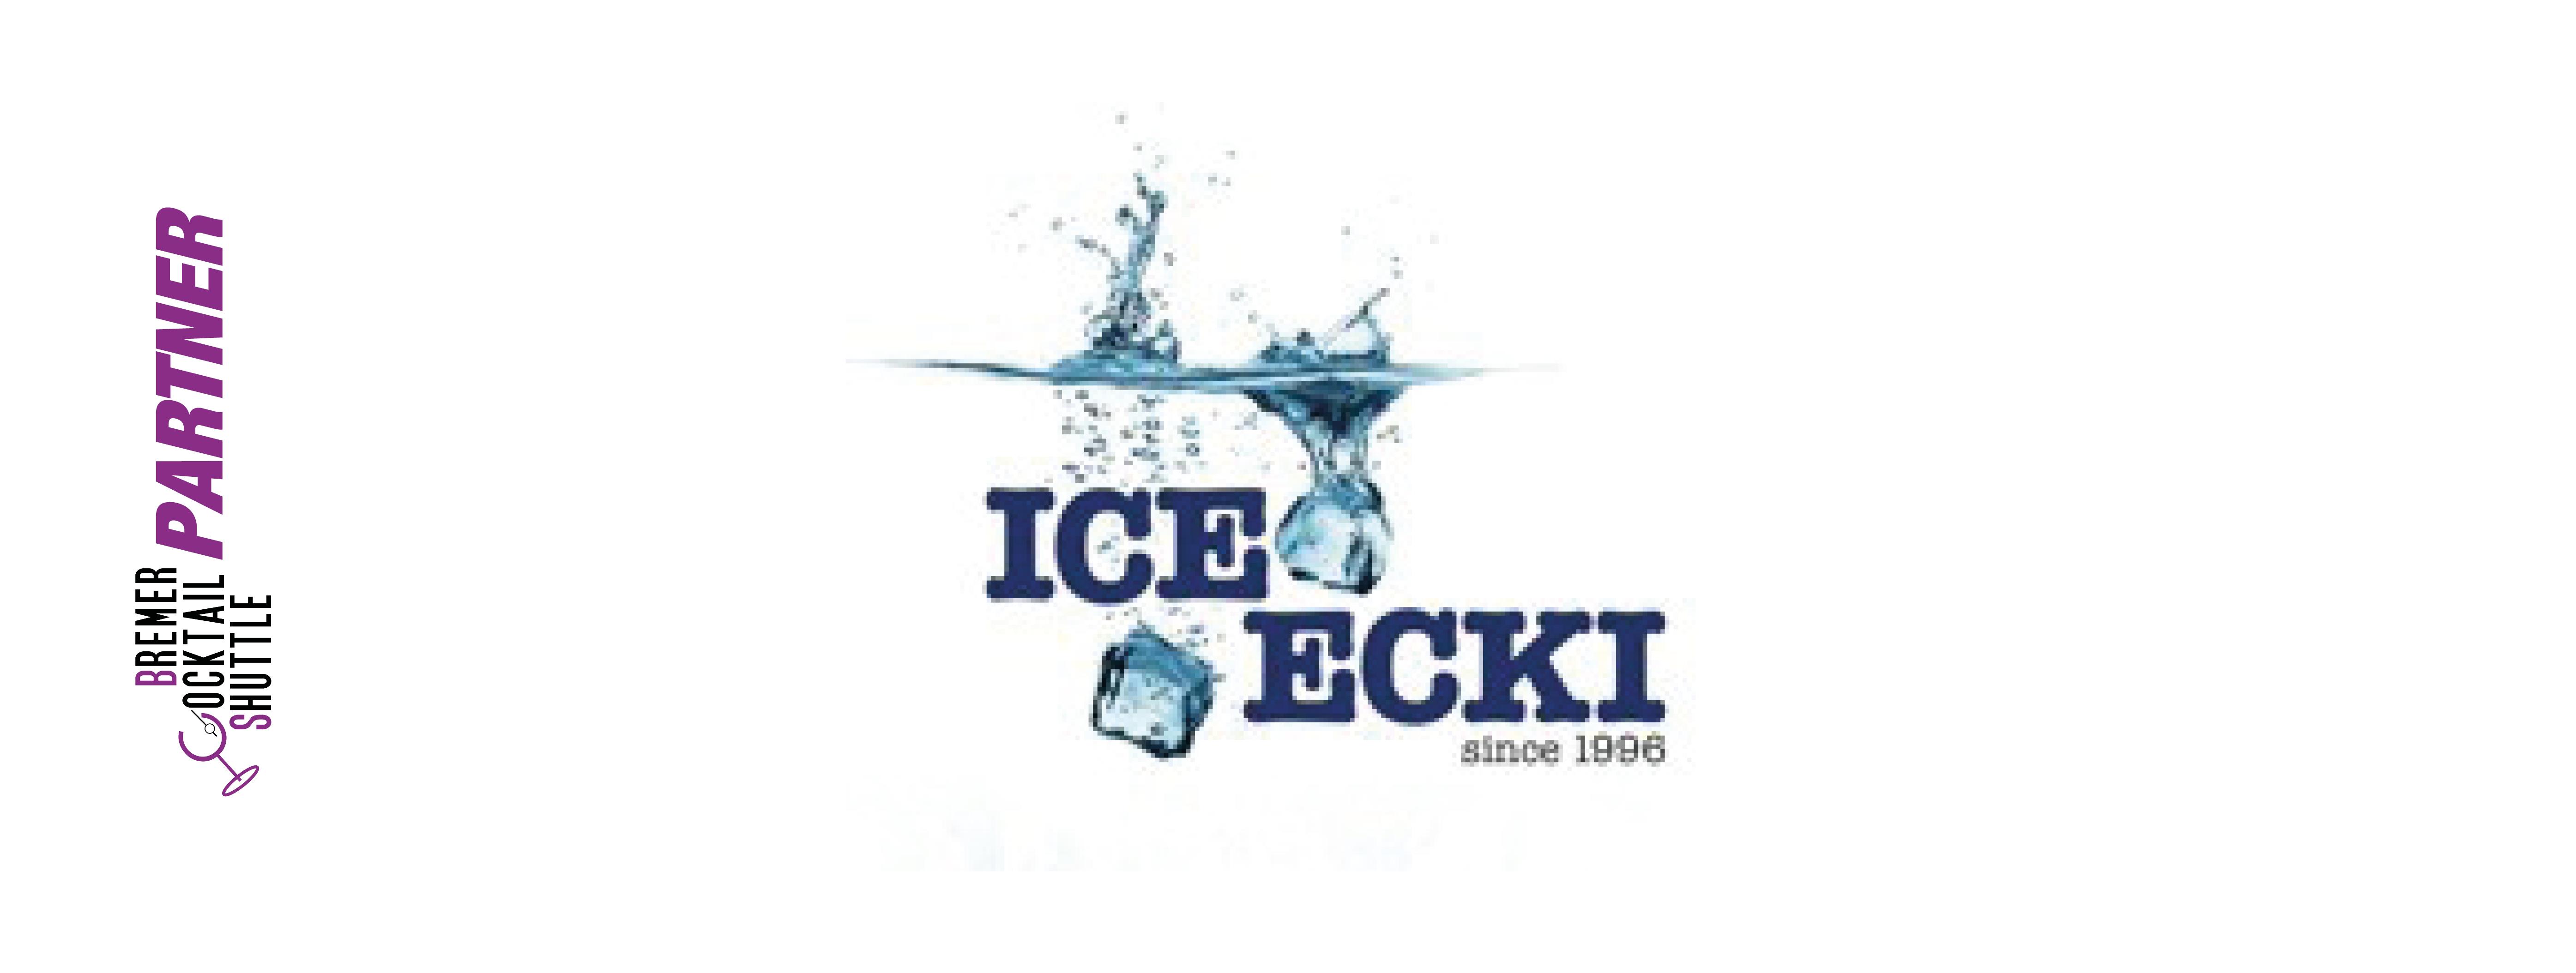 Ice Ecki